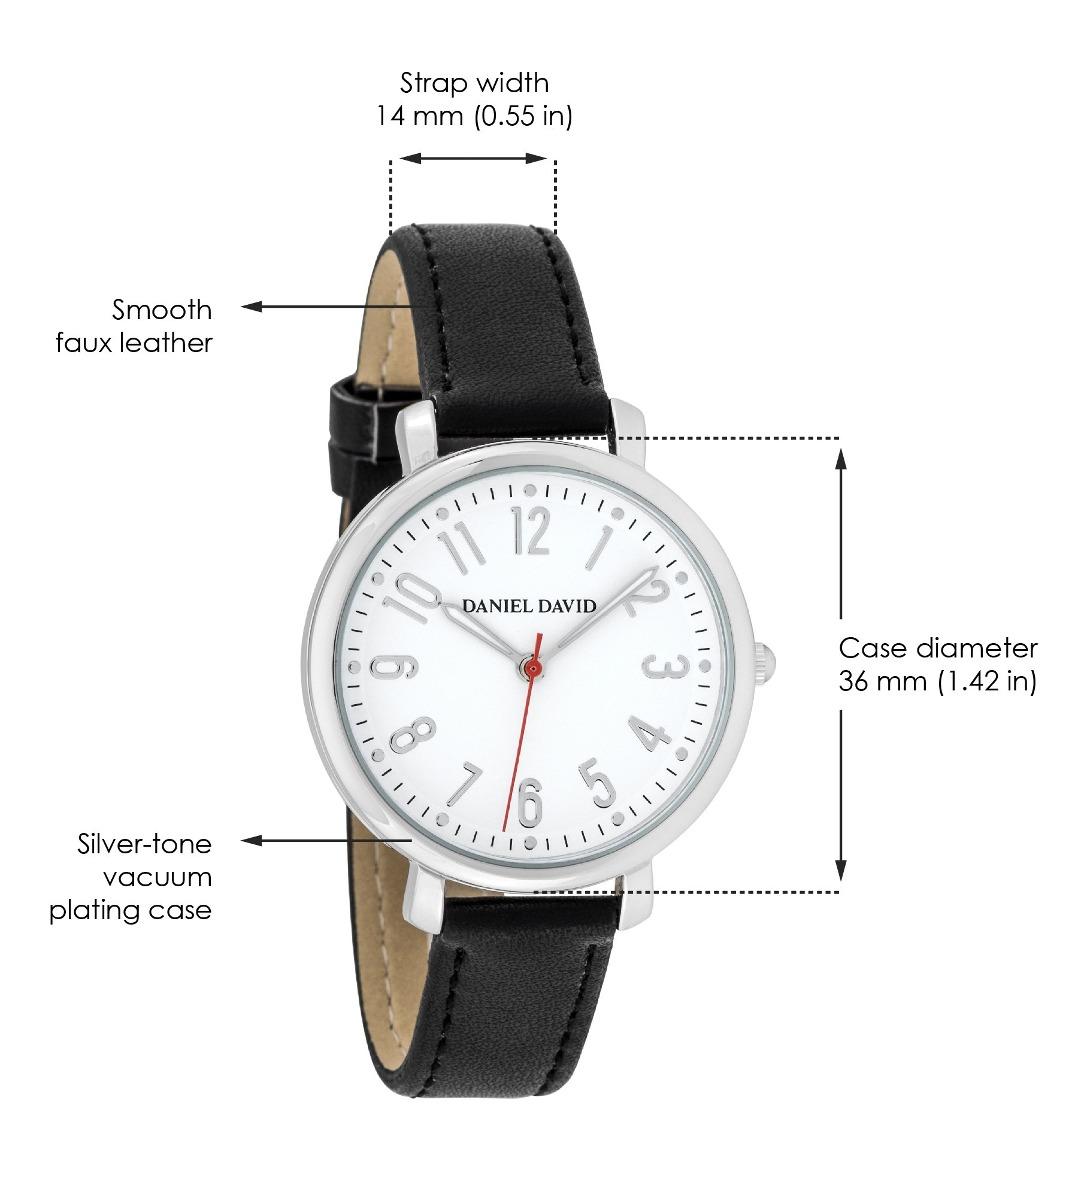 17506829098d relojes para mujer de daniel david - elegante reloj de cuero. 6 Fotos